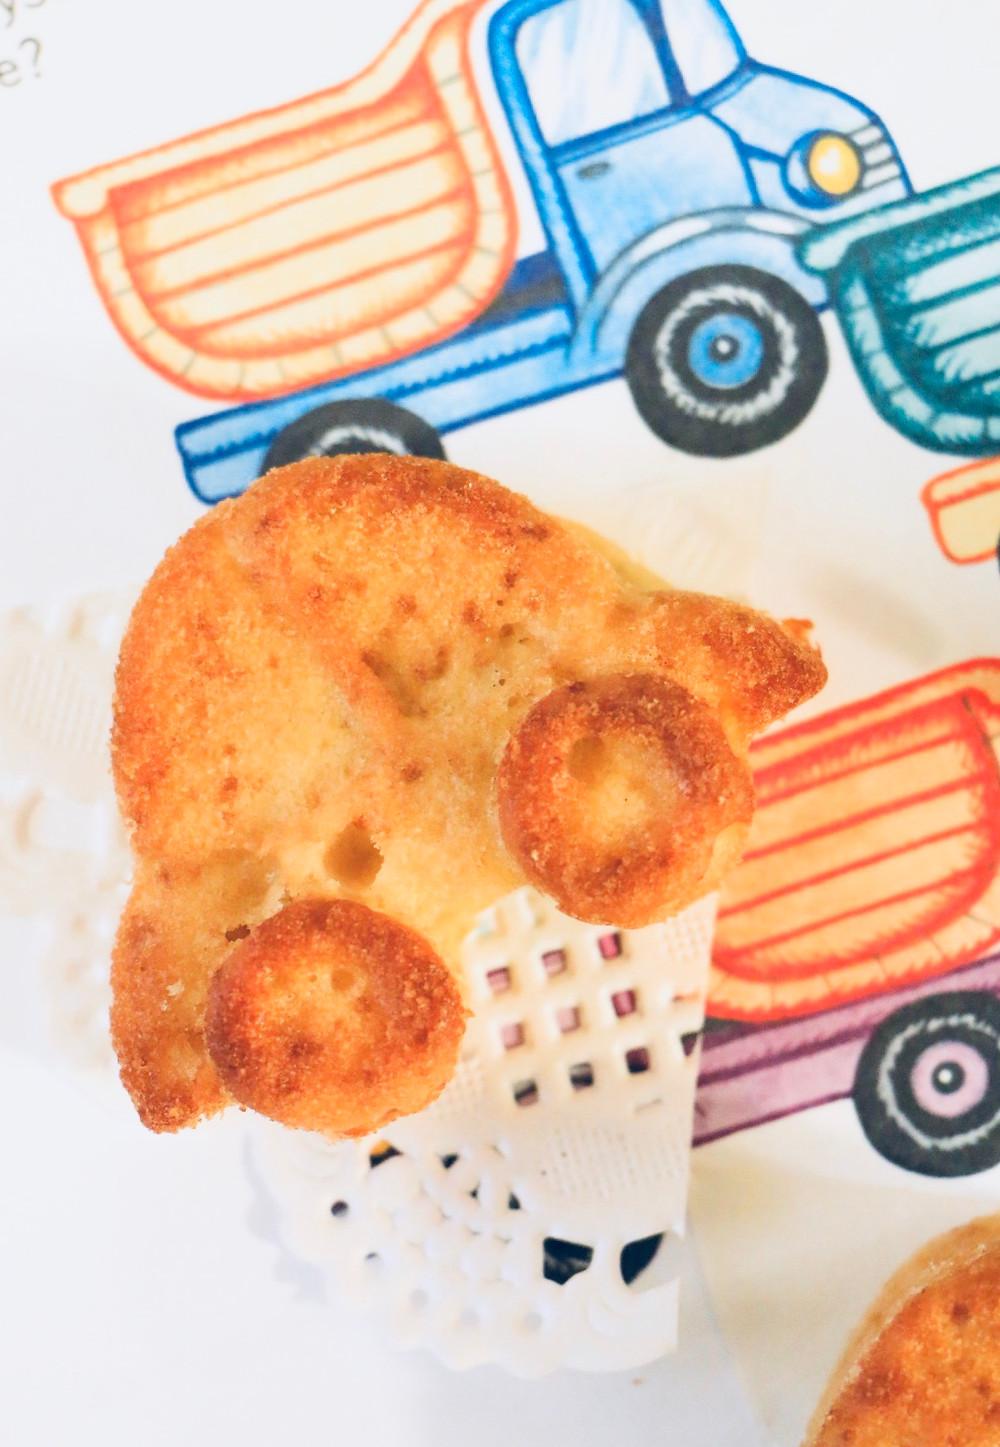 עוגת וניל בריאה לילדים